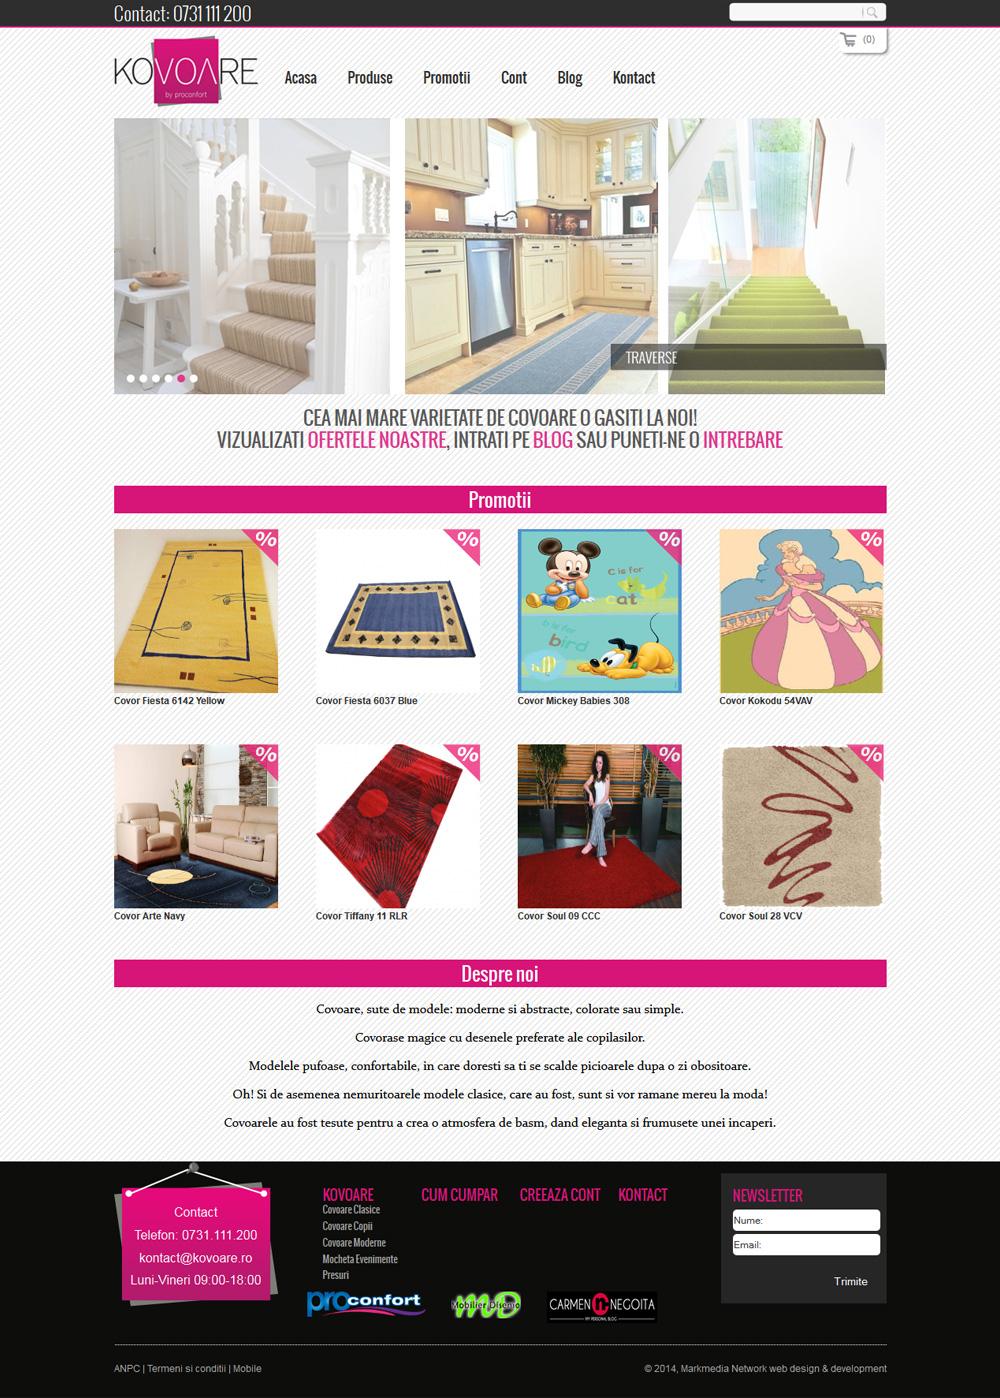 Kovoare.ro - Magazin online de covoare si accesorii